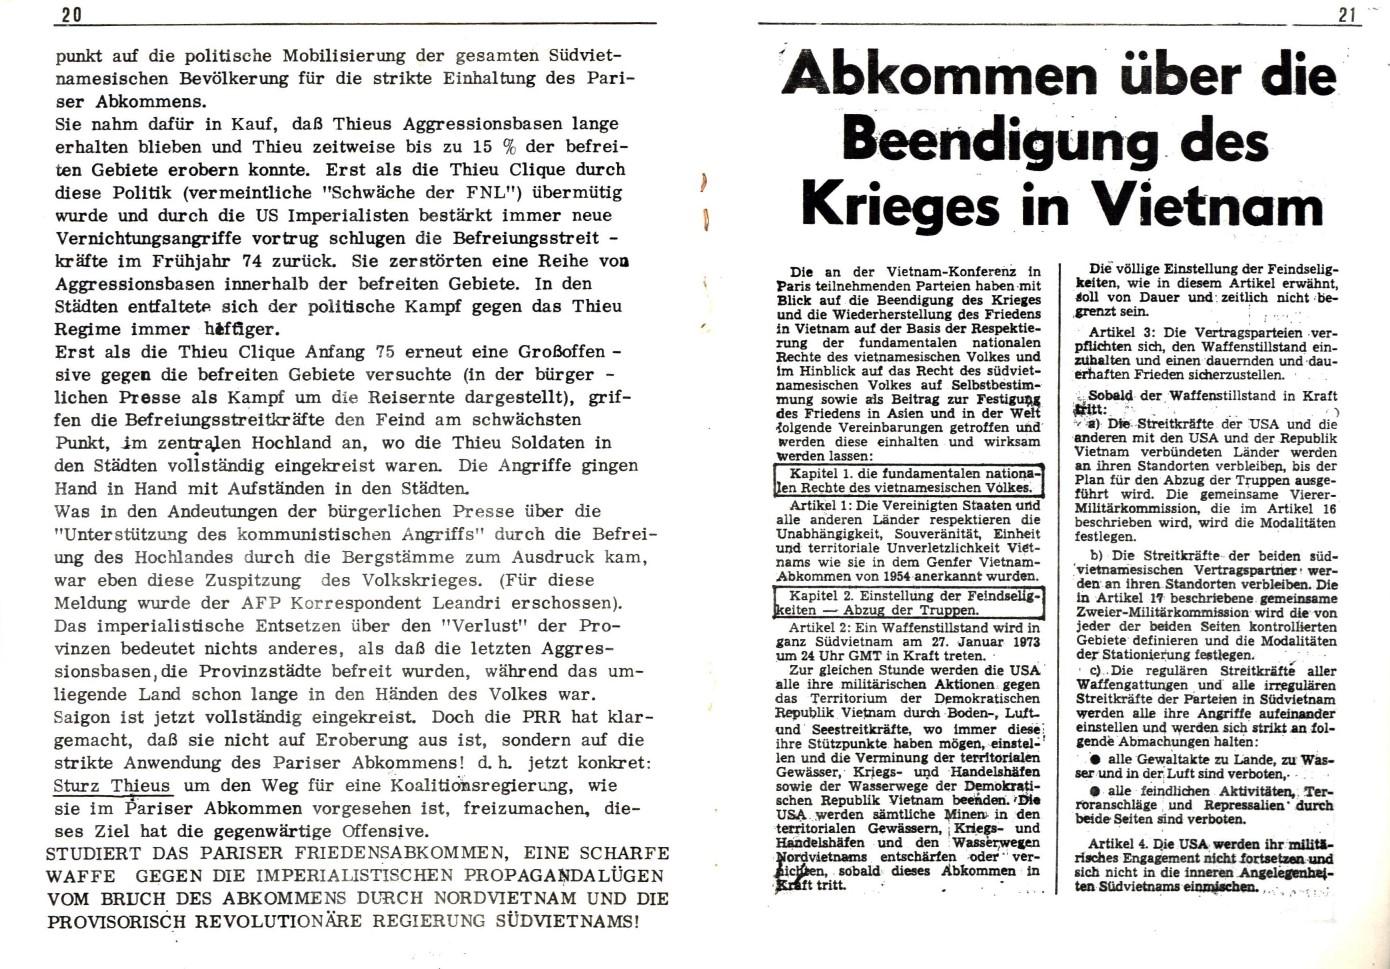 Nds_KSV_1975_Suedvietnam_11